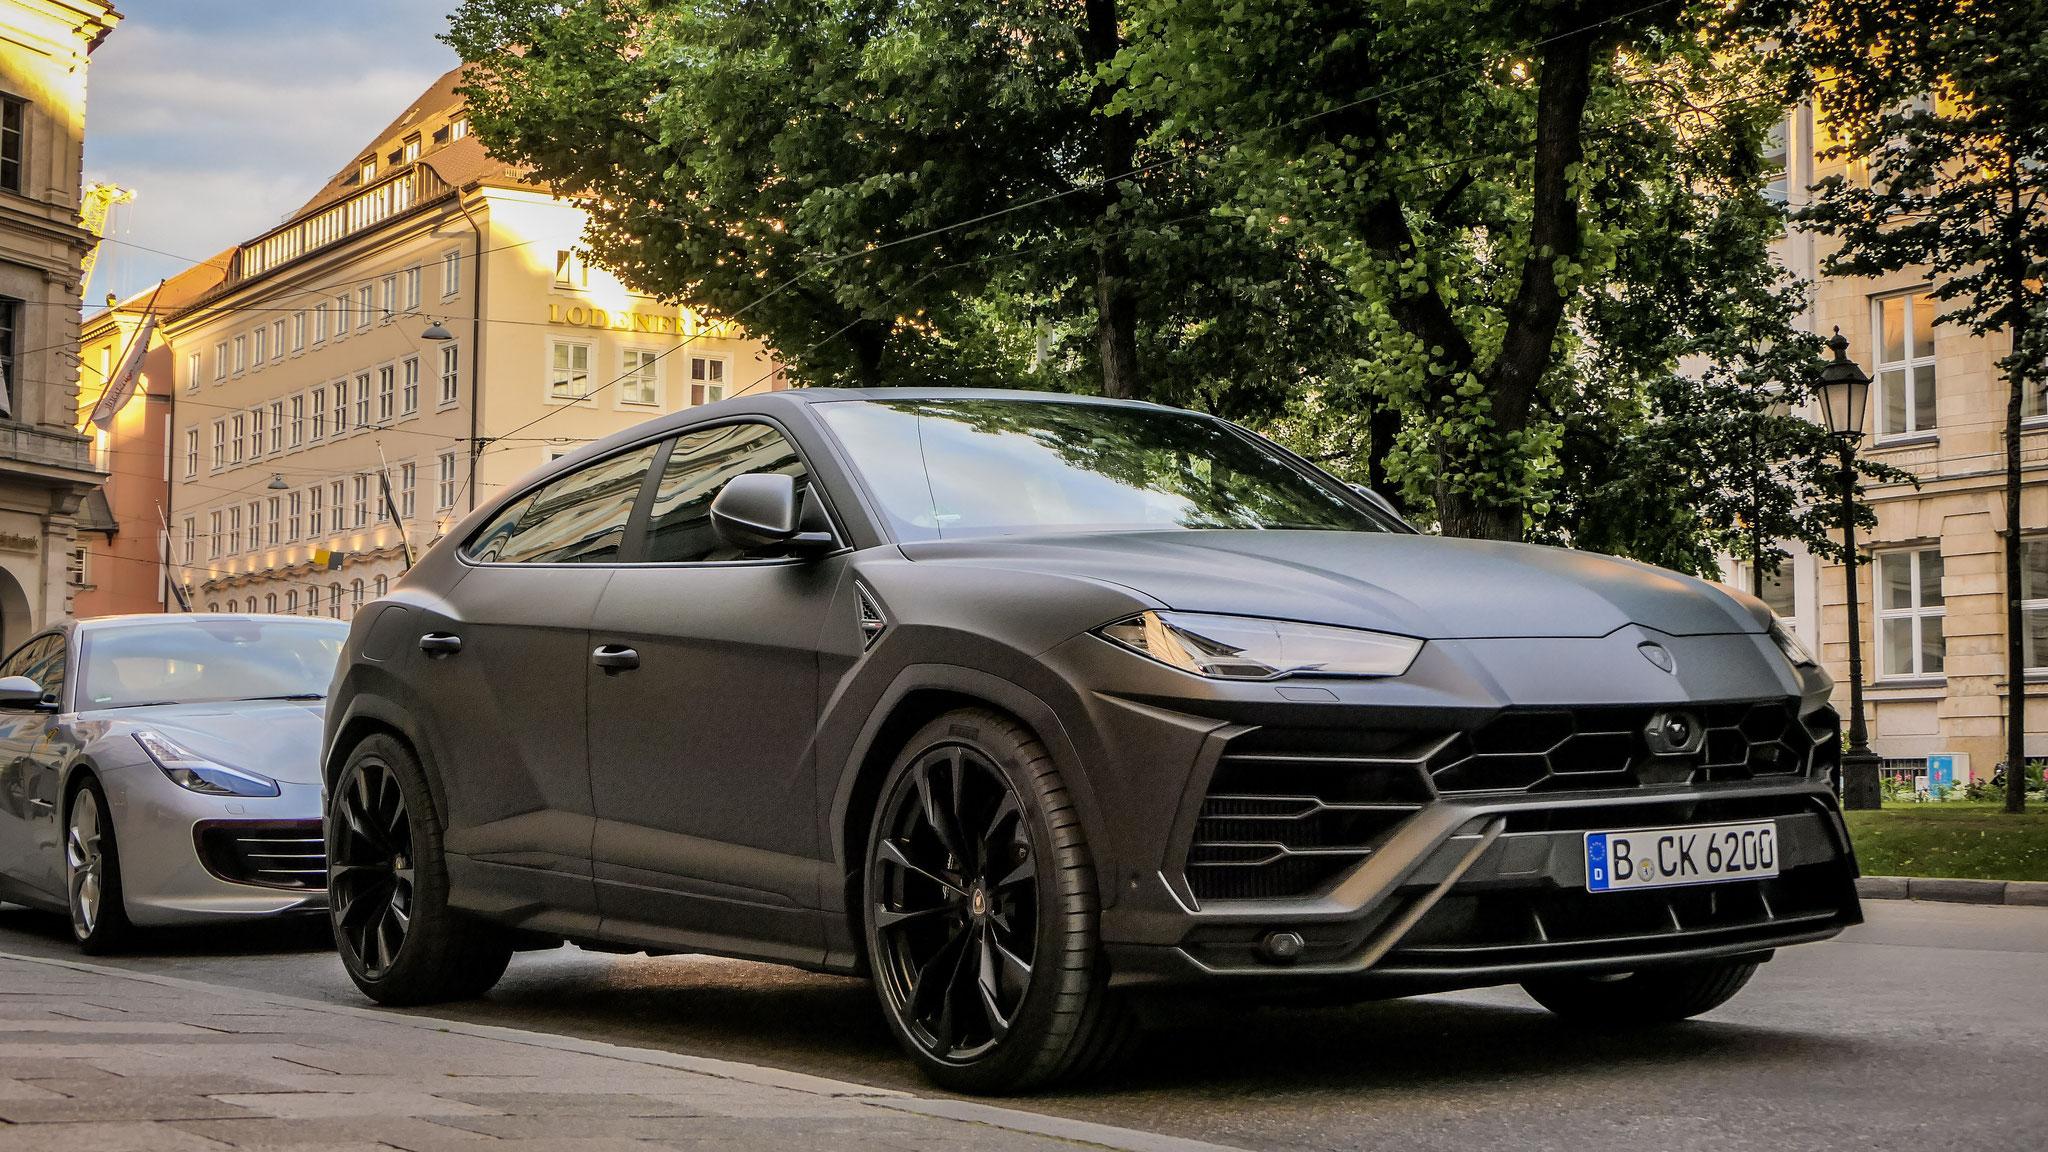 Lamborghini Urus - B-CK-6200